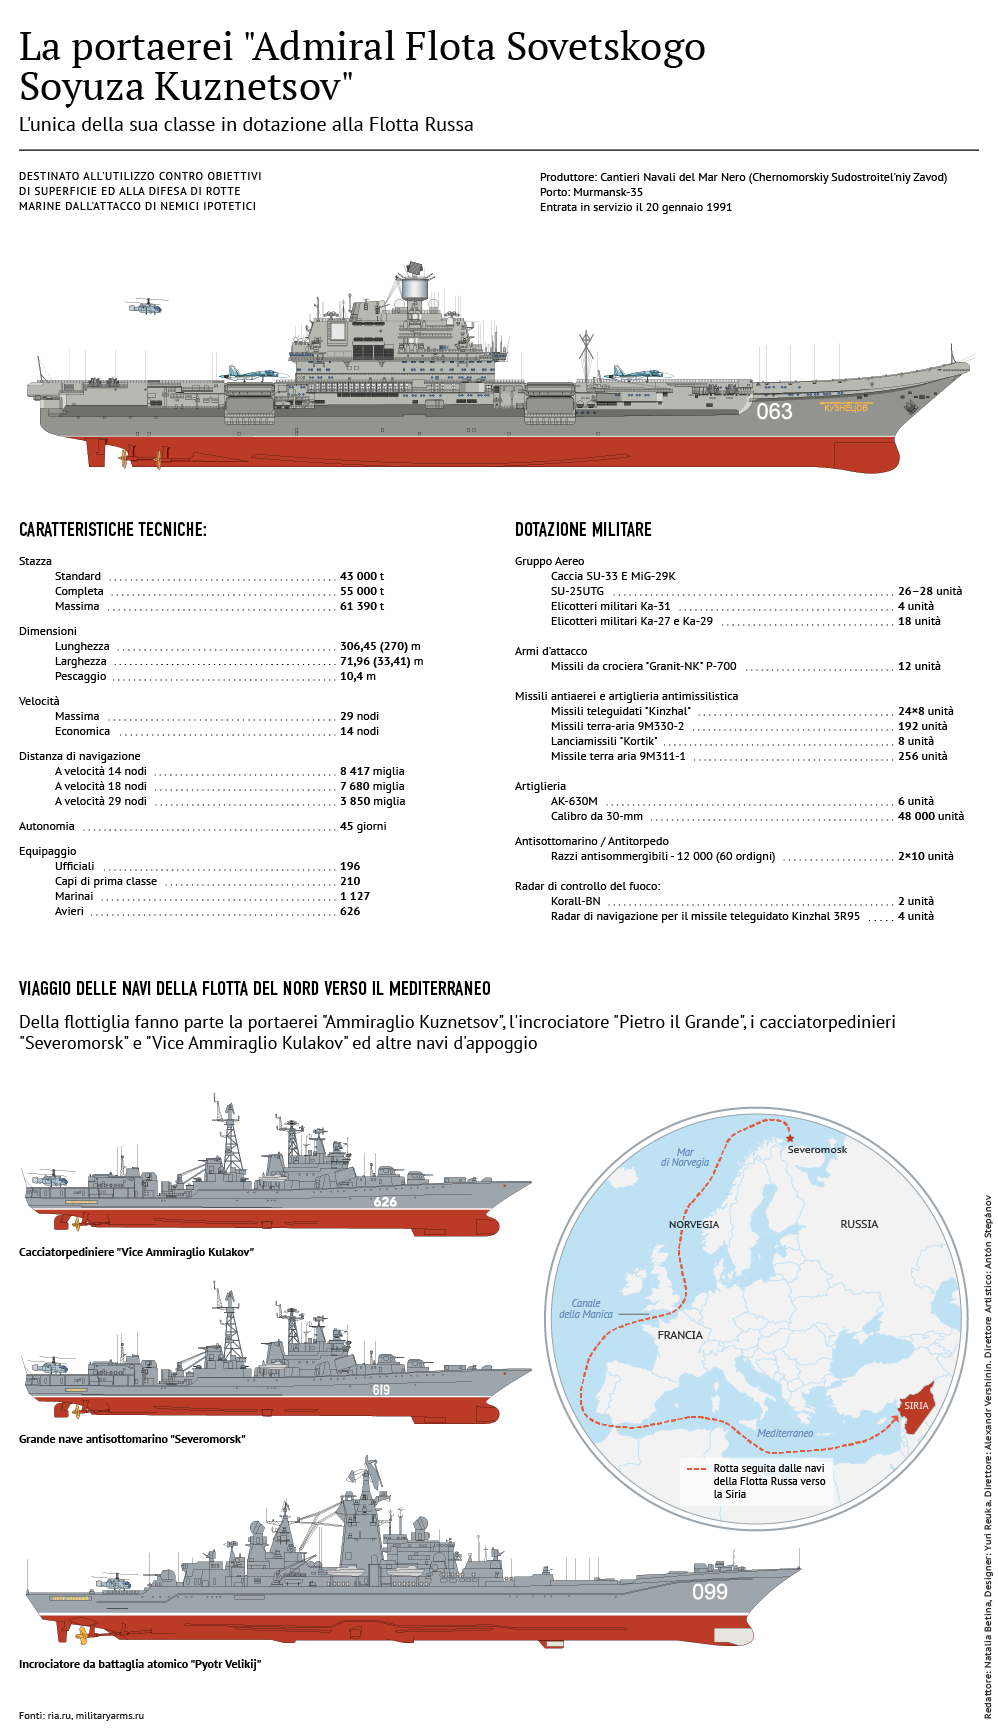 Infografica sulla portaerei Ammiraglio Kuznetsov